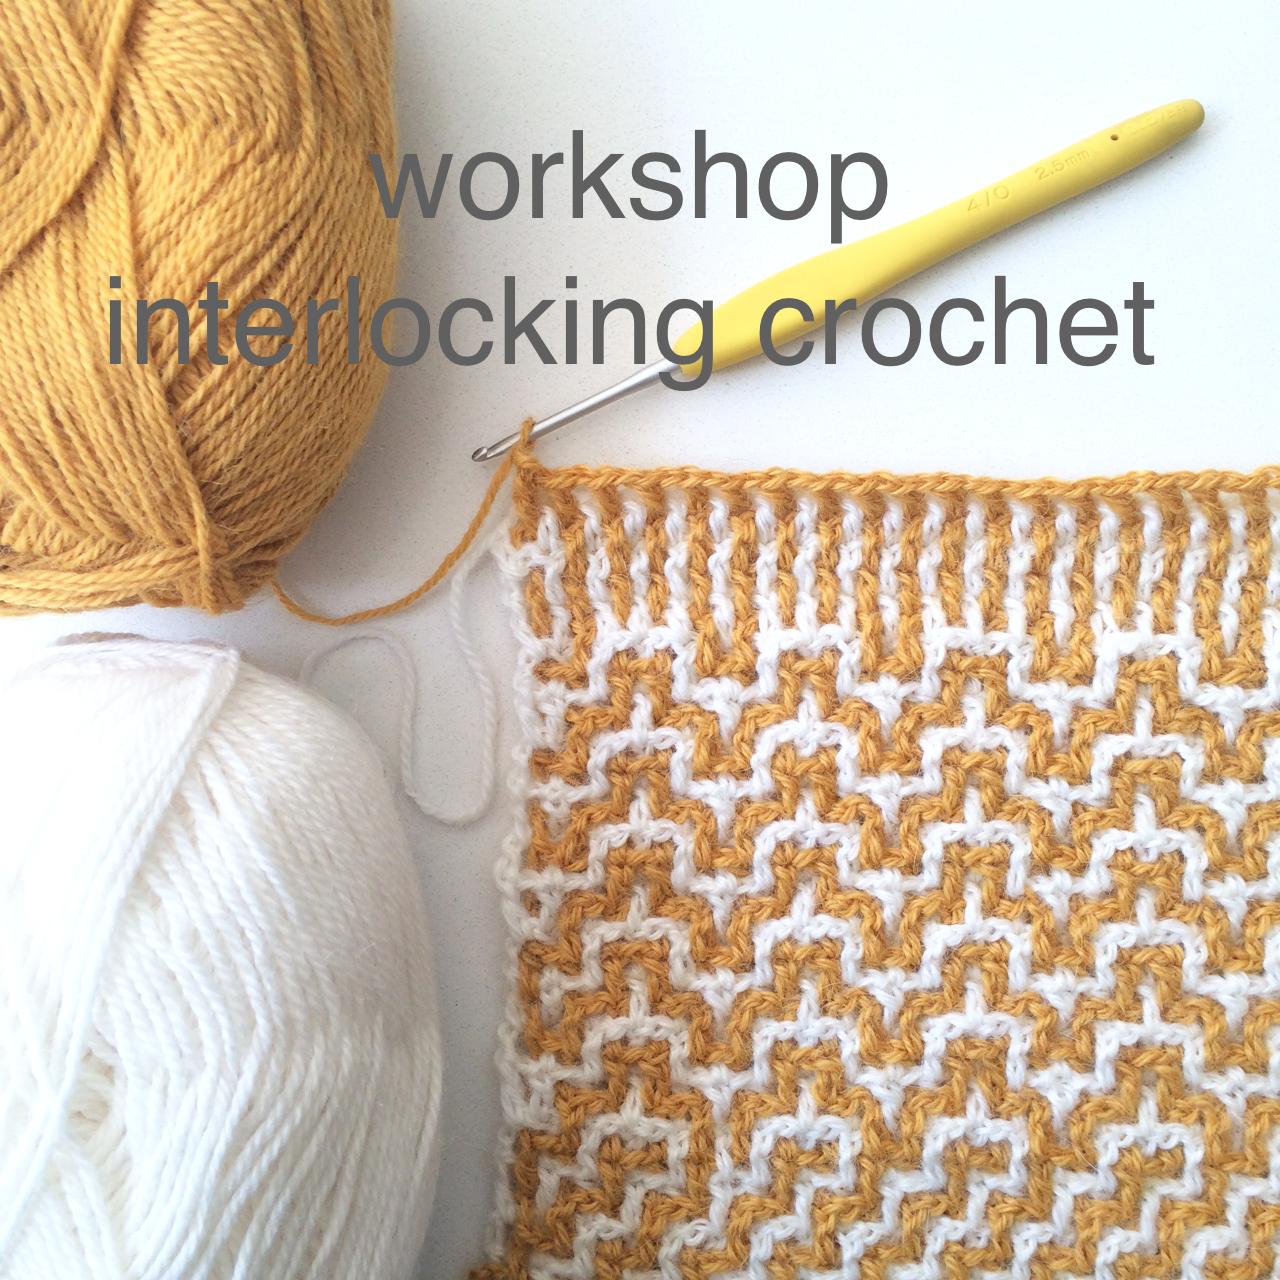 Interlocking Crochet Echtstudio